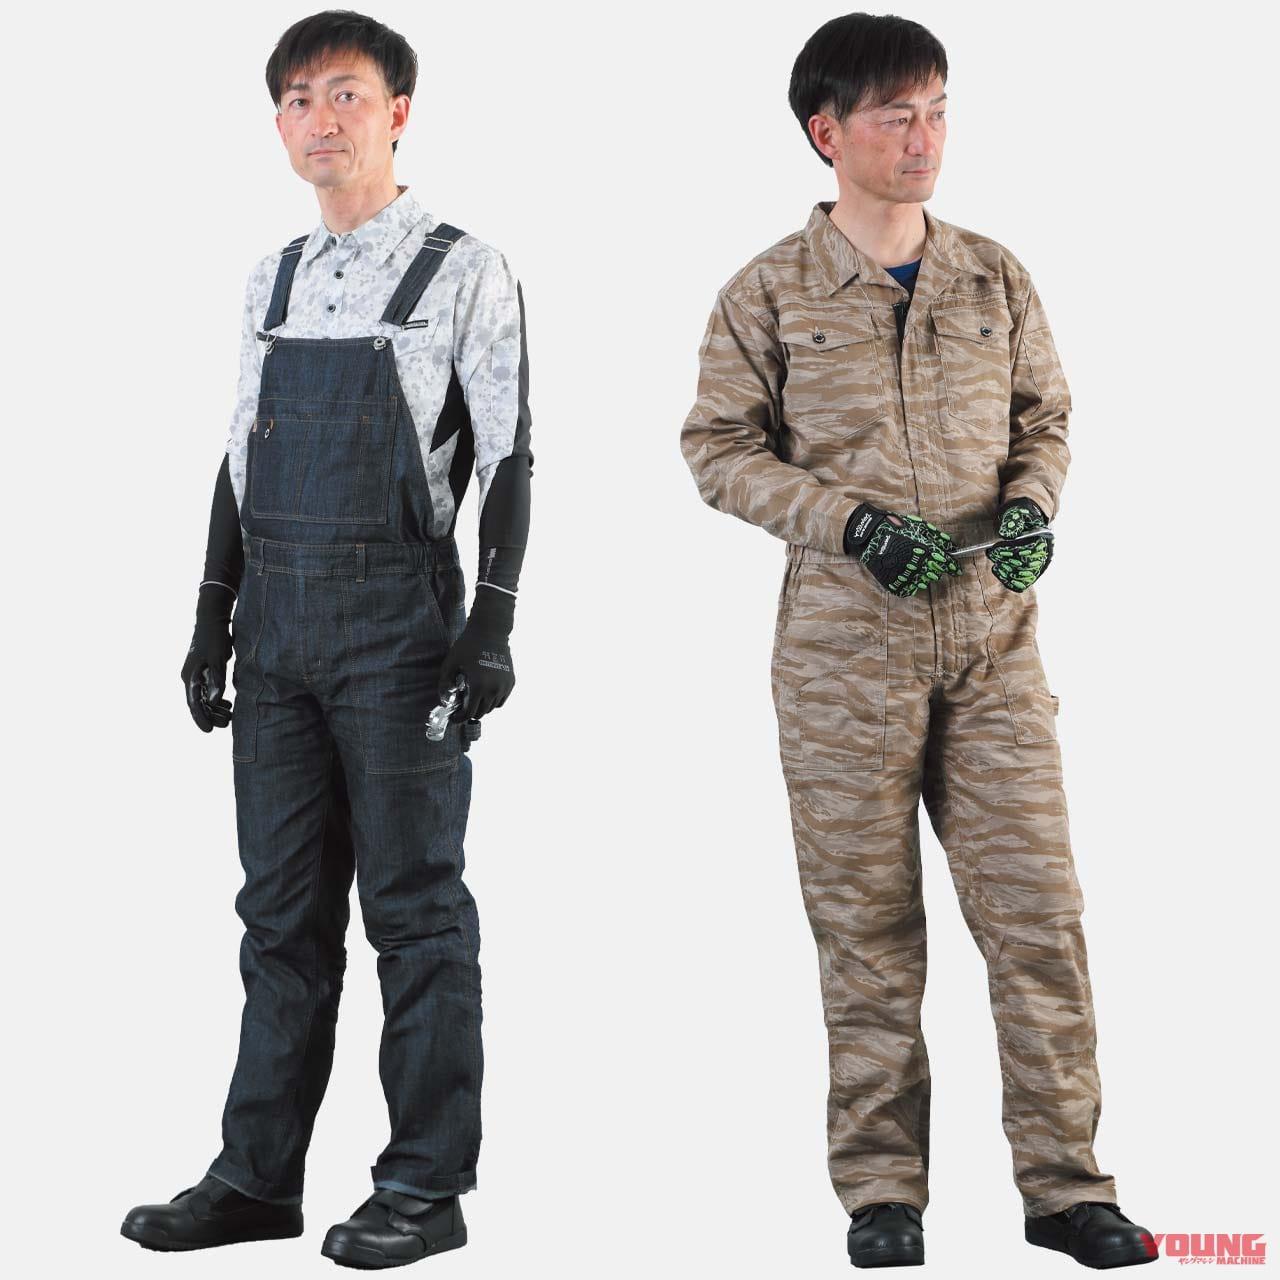 ワークマン快適サマーコーディネート#6:愛車のメンテナンスはぜひ正装=作業服で